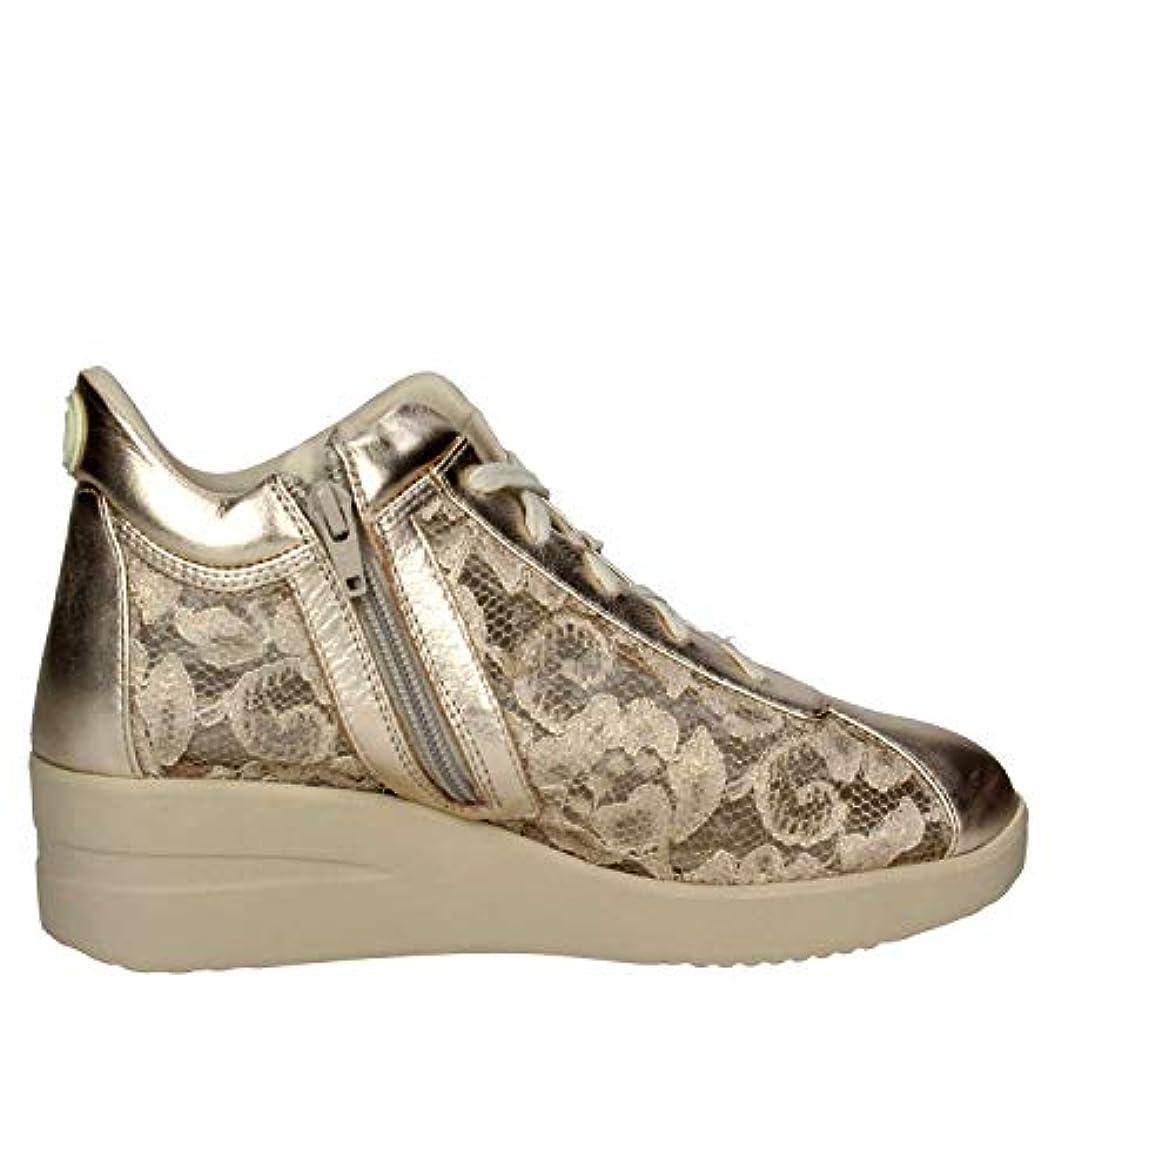 Agile By Rucoline Scarpe Donna Sneaker Zeppa Pelle E Pizzo Colore Gold 226 N° 39